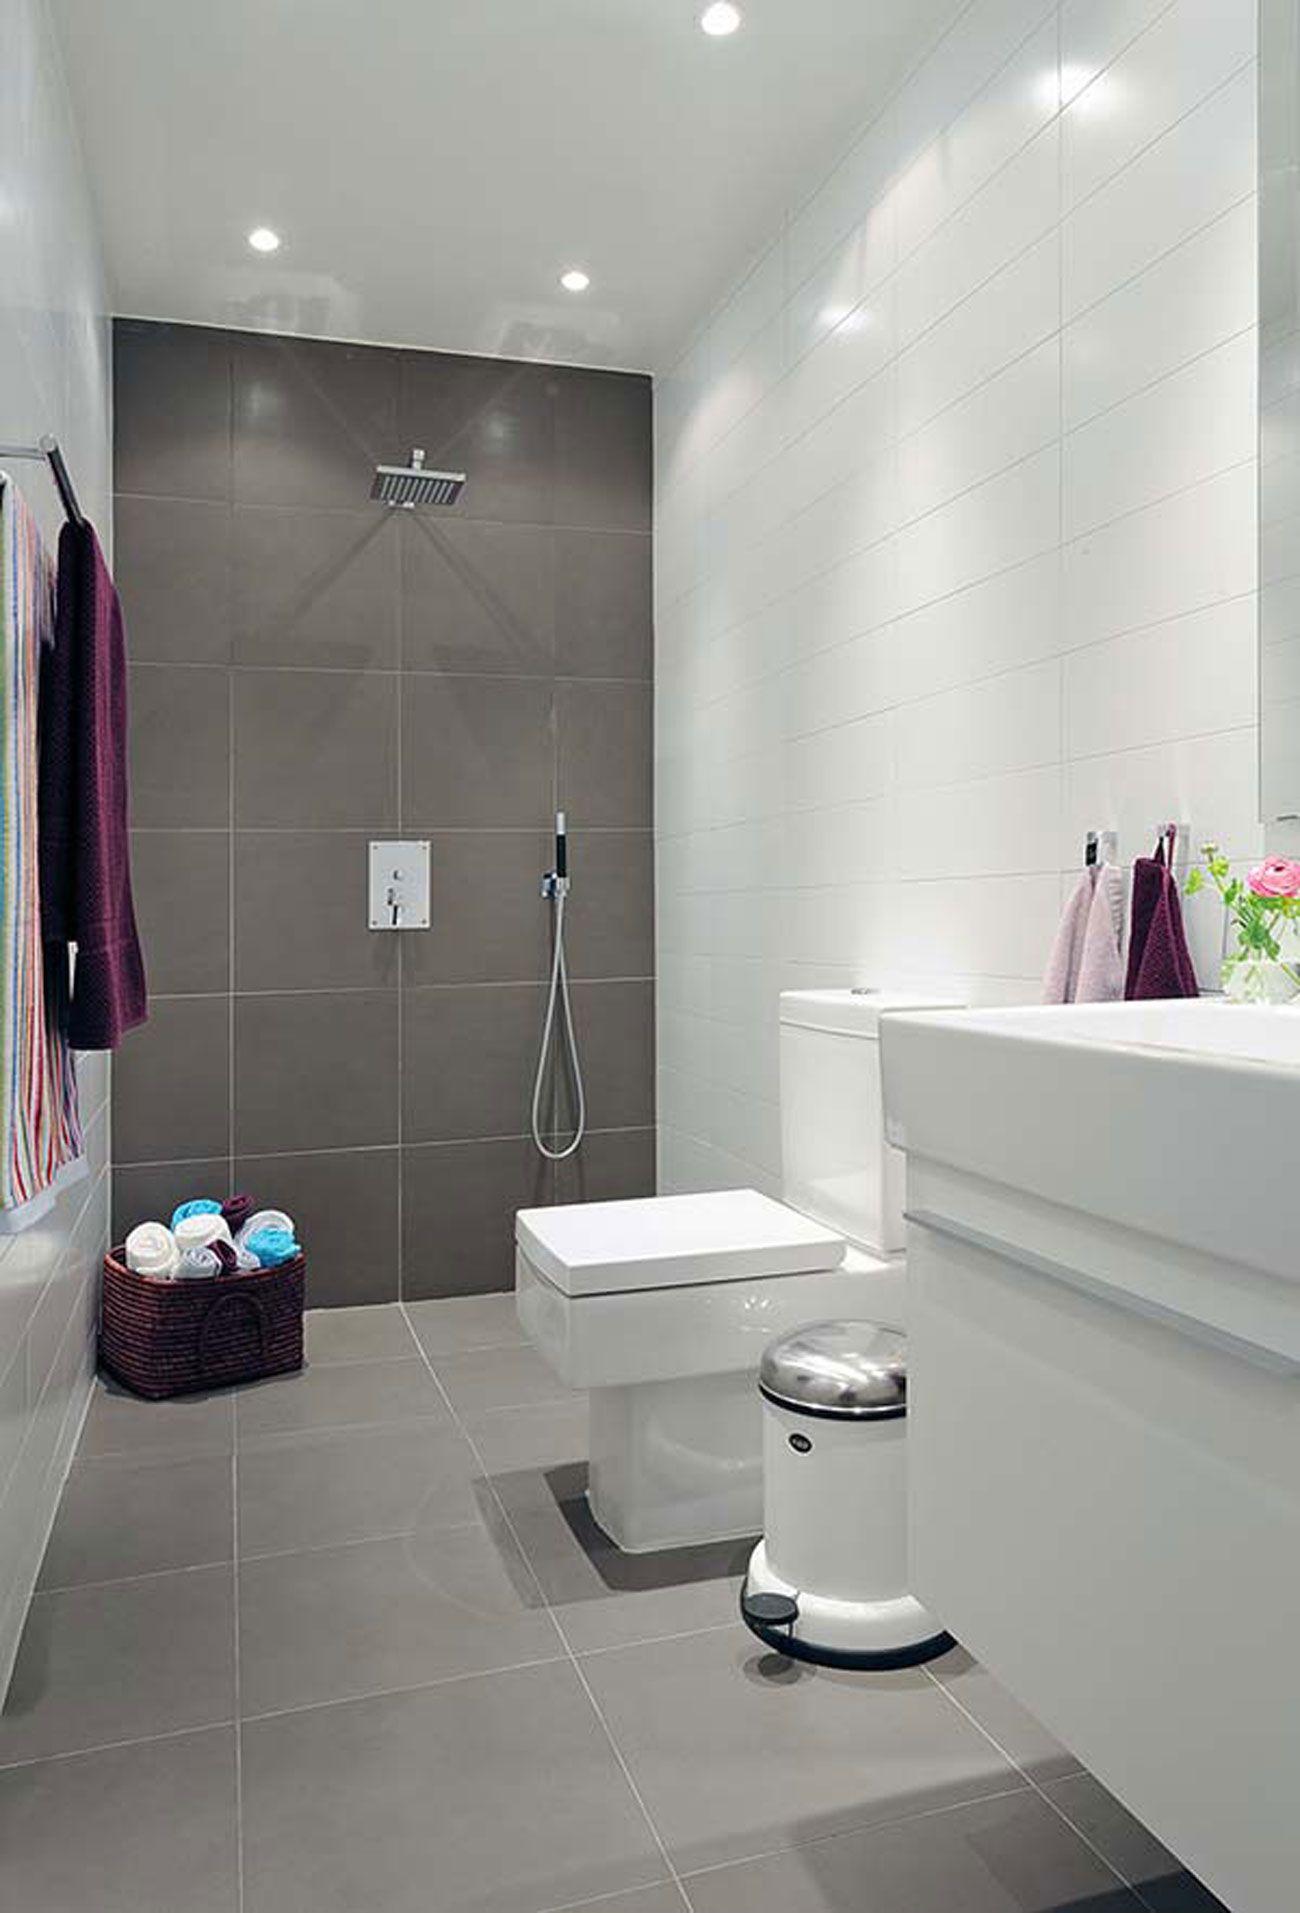 Beautiful Bathroom Tiles Designs Beautiful Interior Design Of Small Apartment In 7 Floor Building